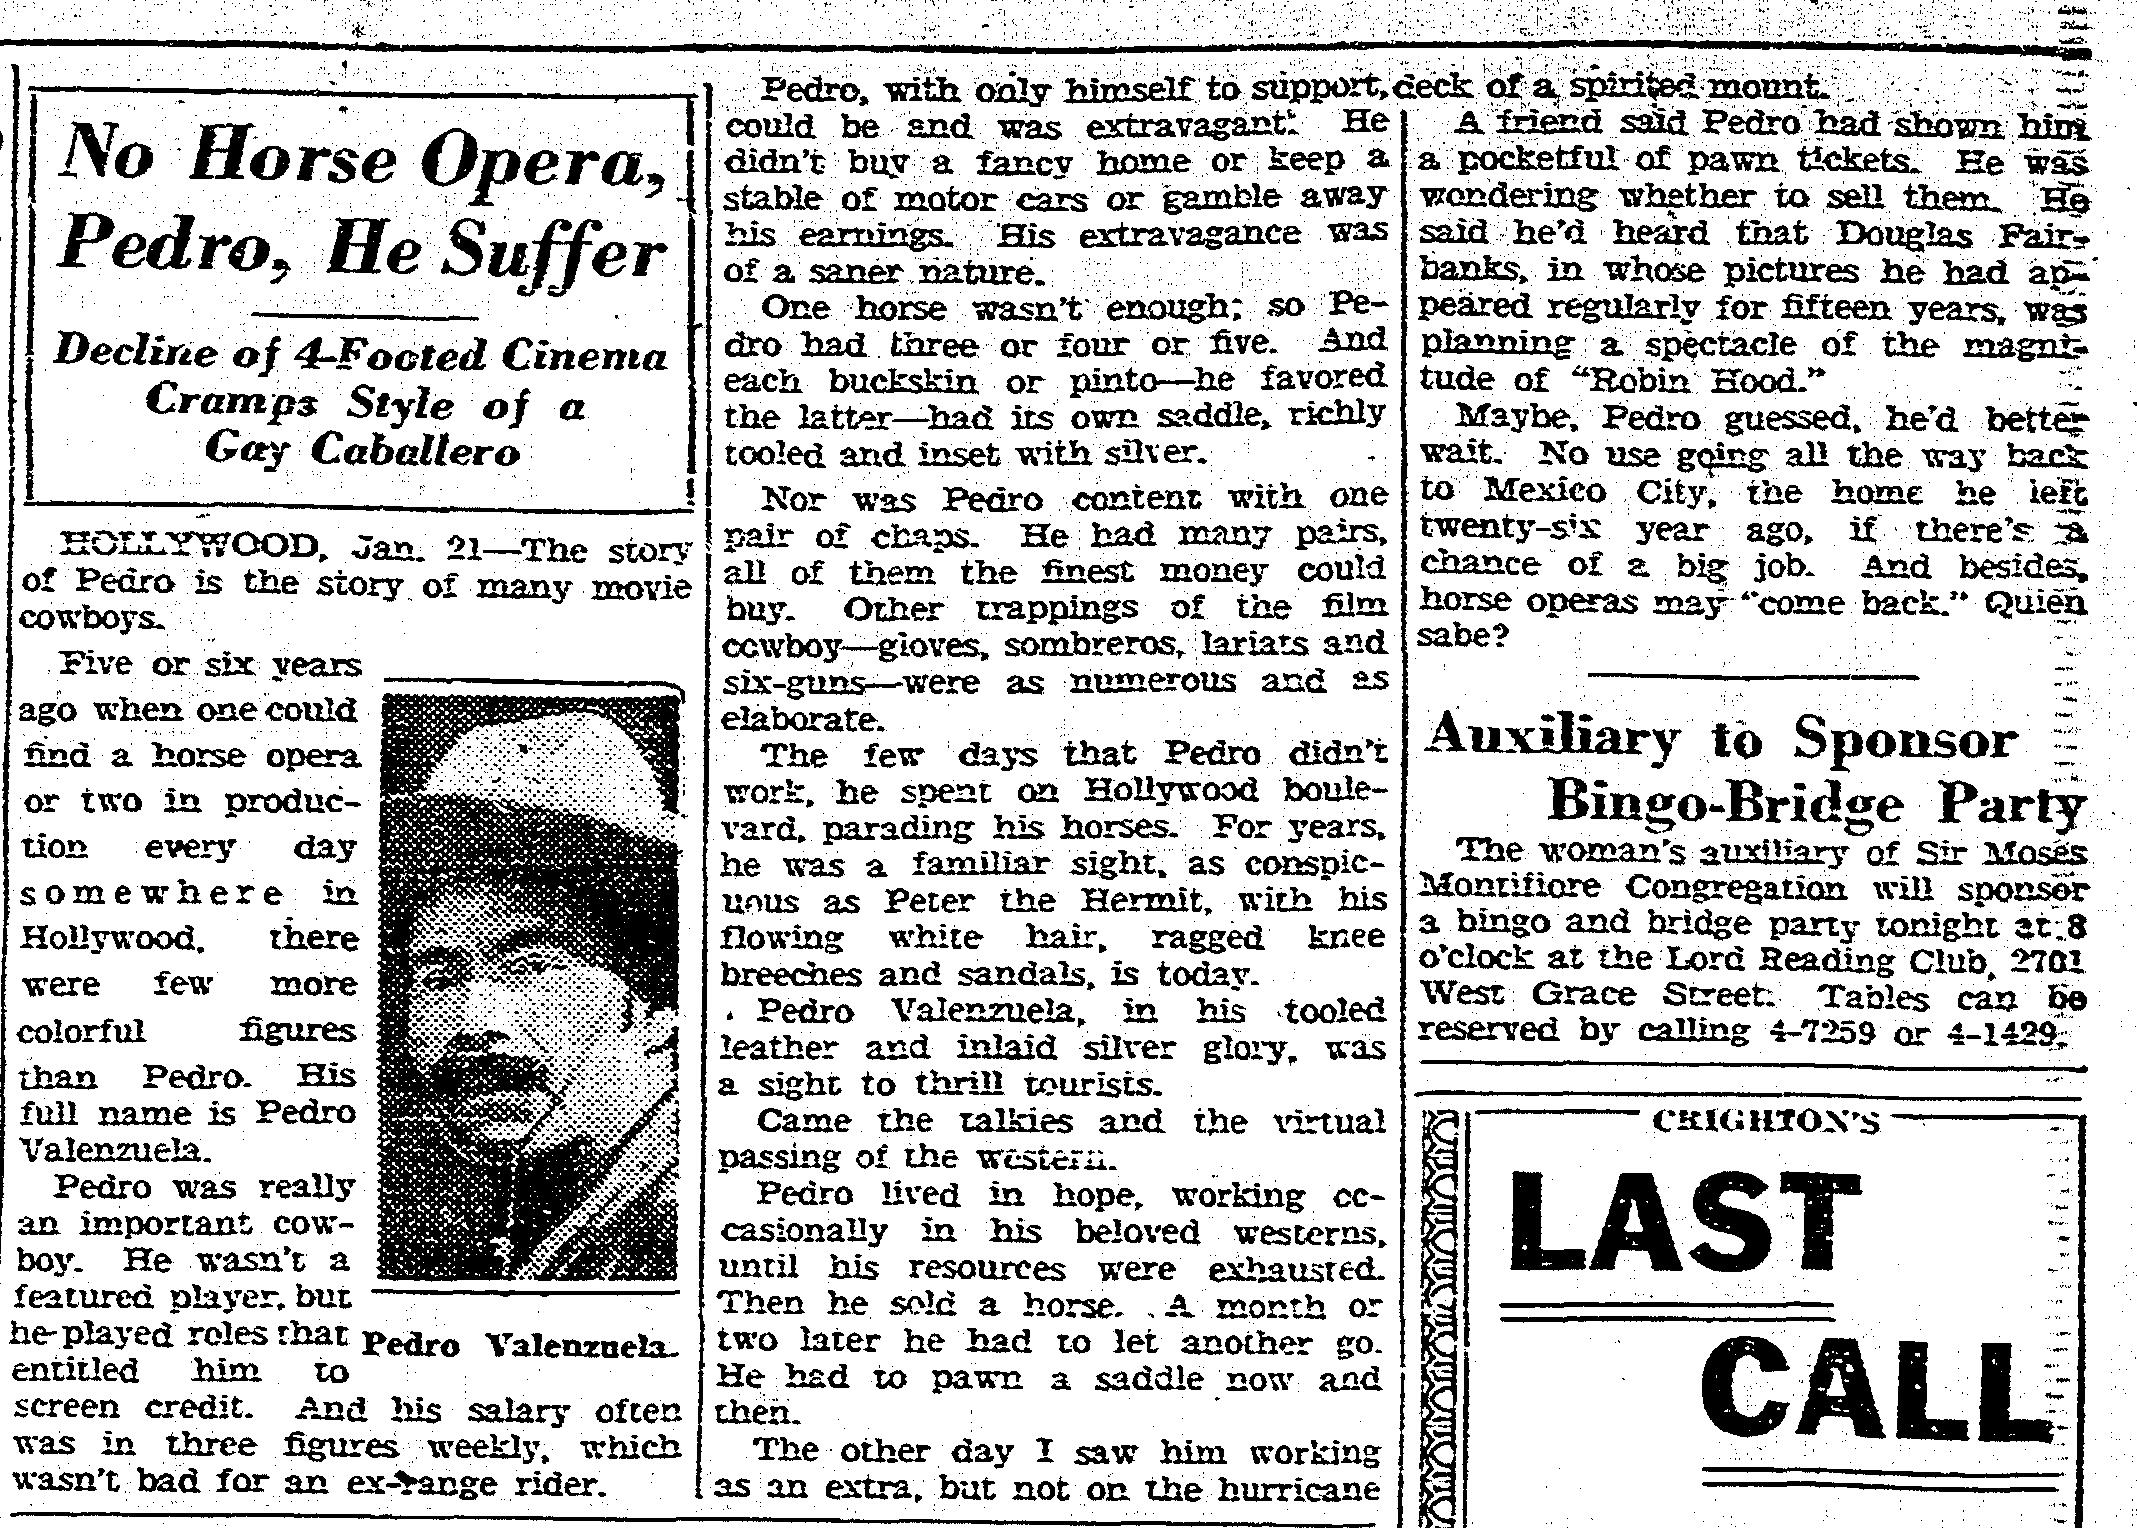 Richmond_Times_Dispatch_1933-01-22_10